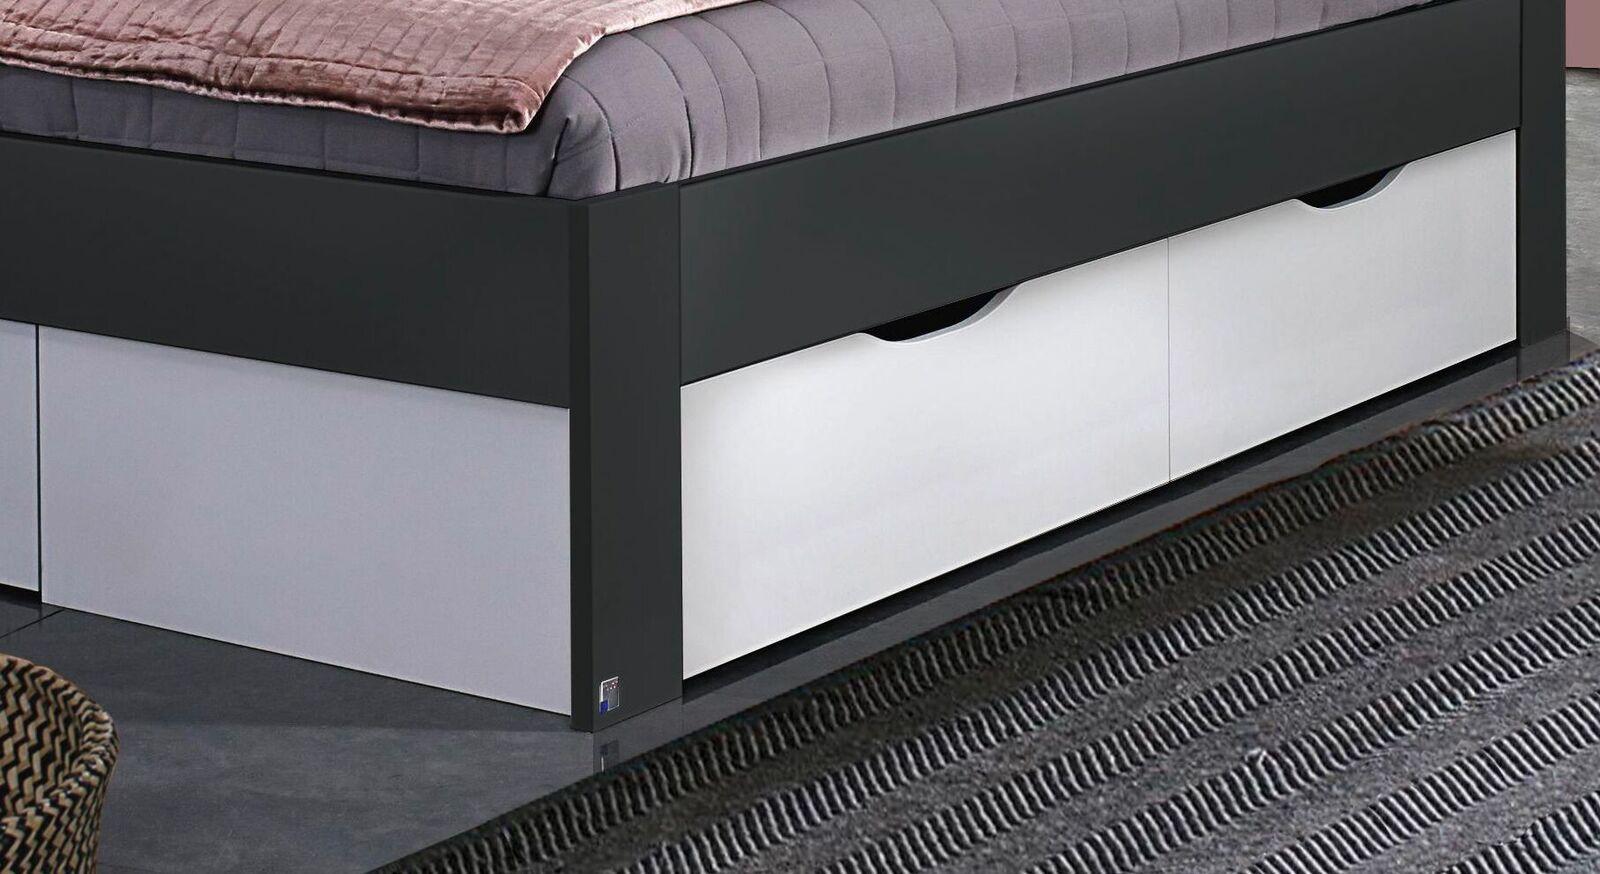 Schubkasten-Bett Zaida mit Schubkasten unter dem Bett